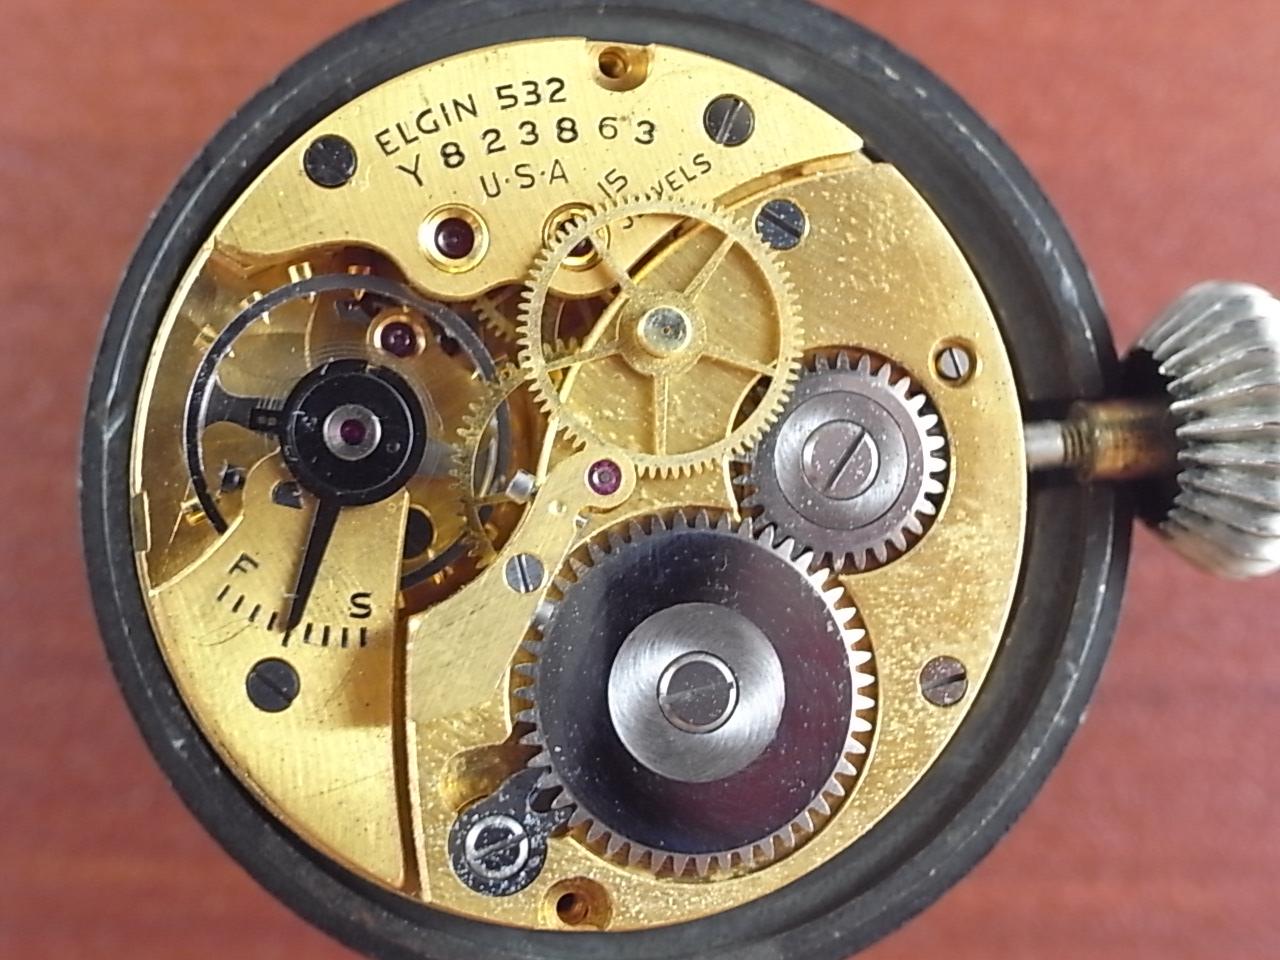 エルジン 米海軍 偵察カメラ用時計 第二次世界大戦 1940年代の写真5枚目